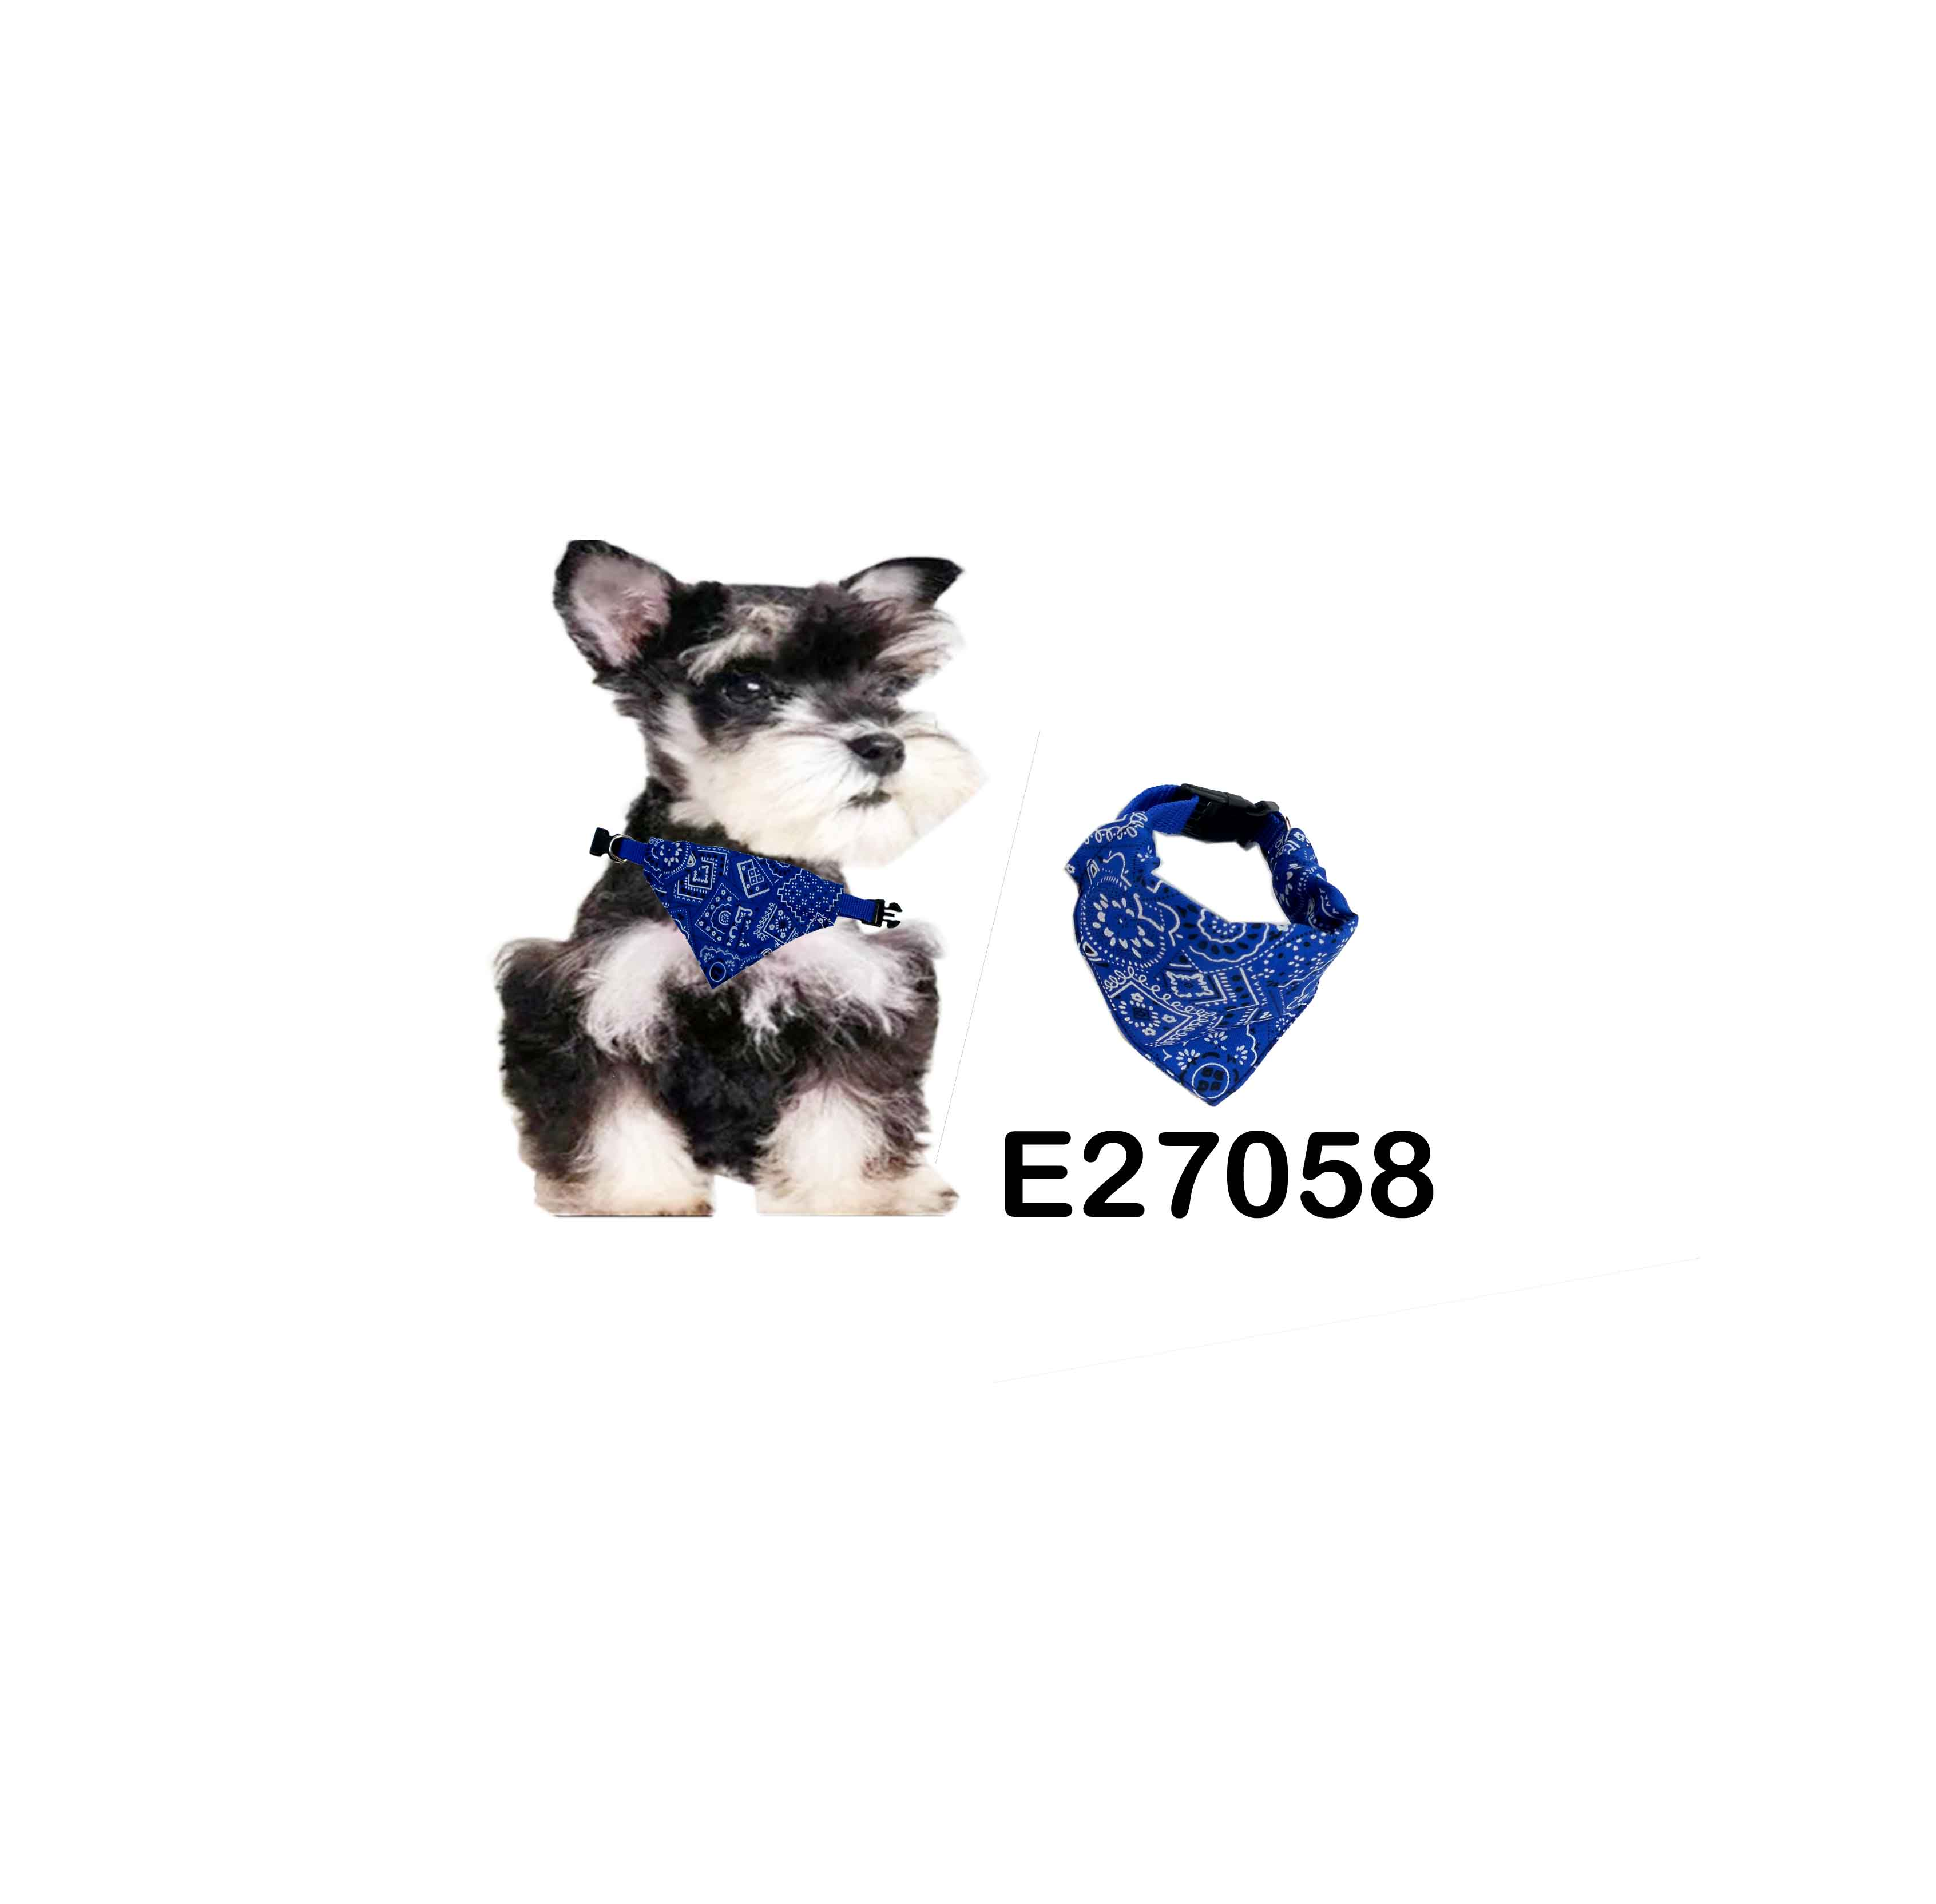 E27058 TE-1